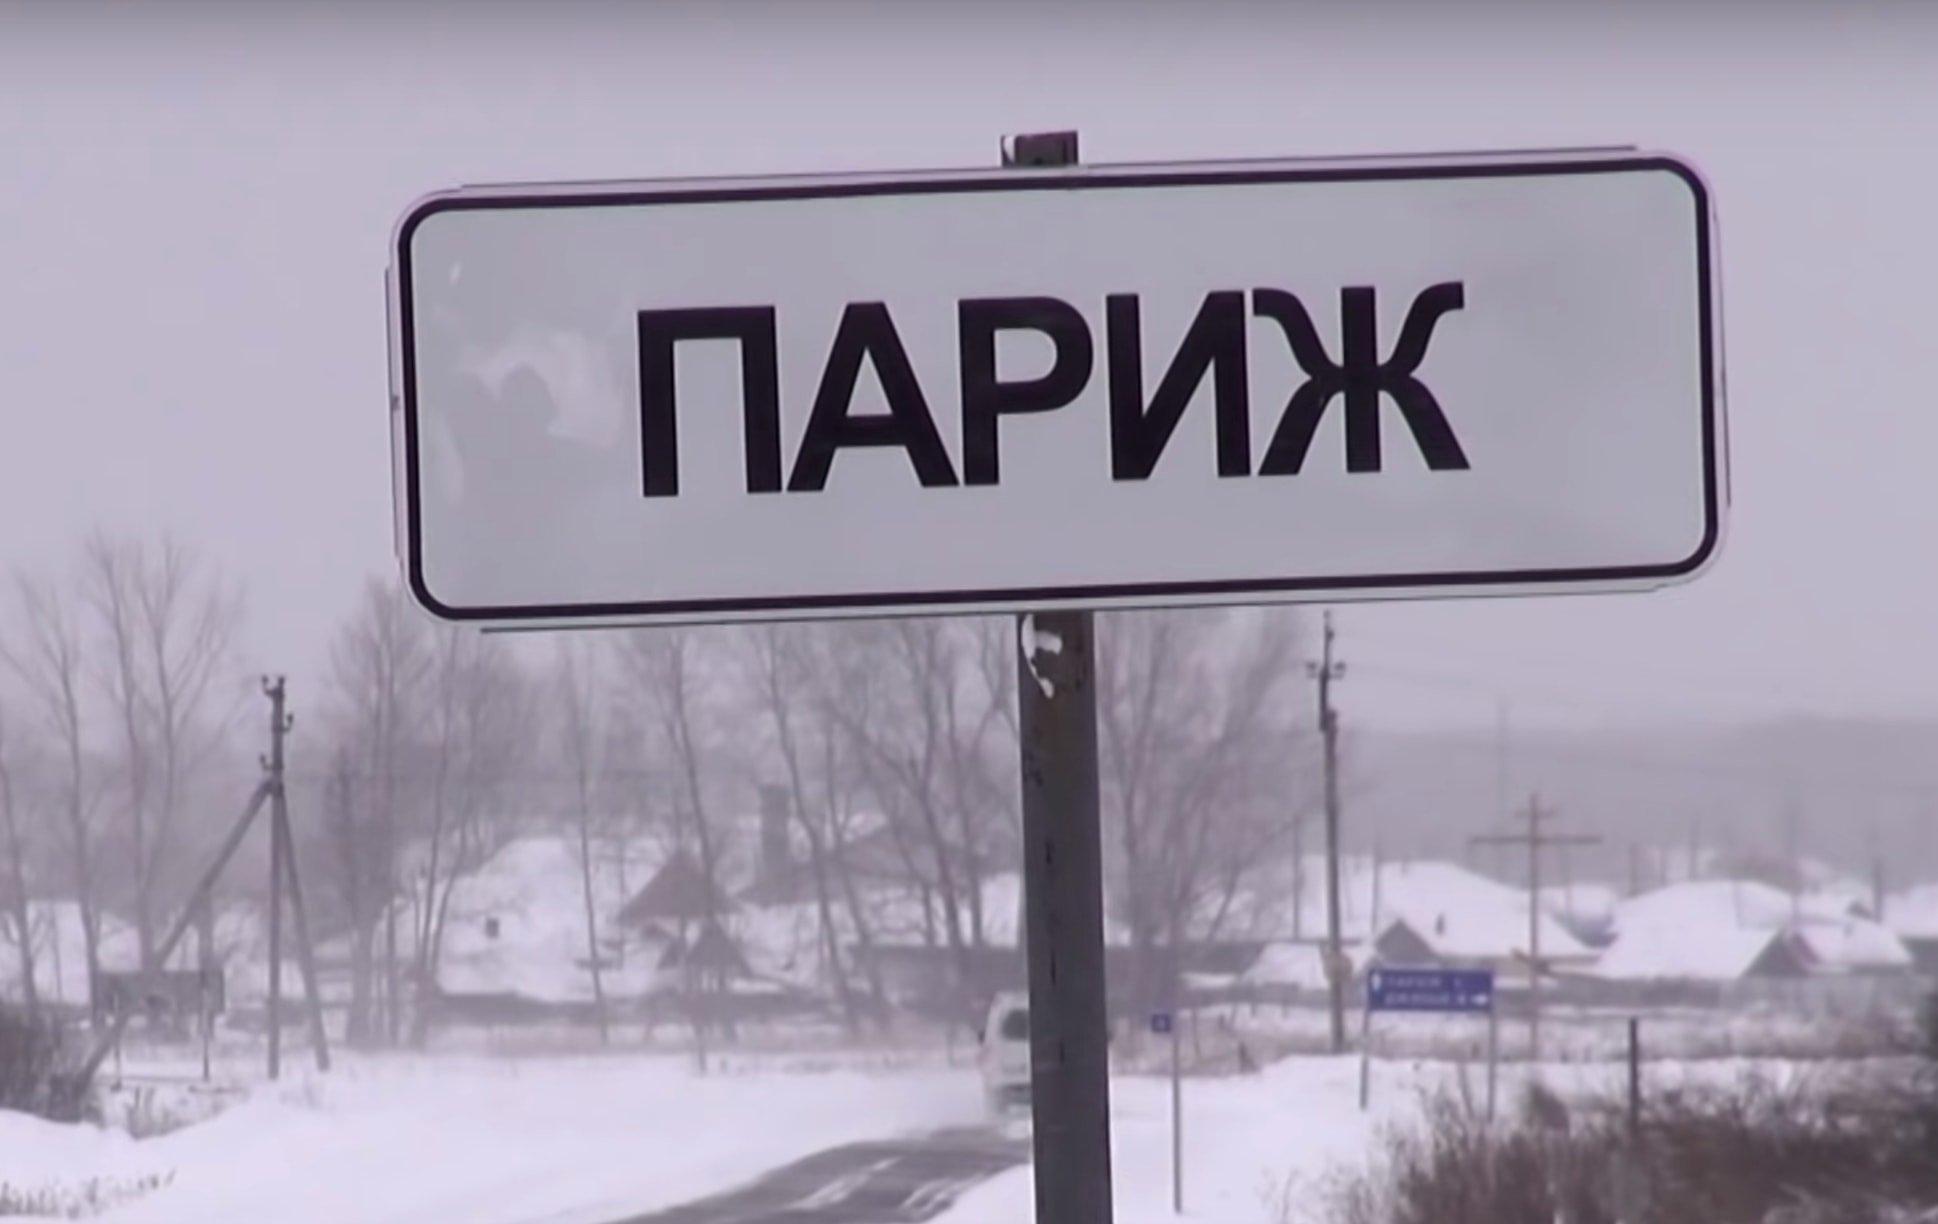 Париж в России